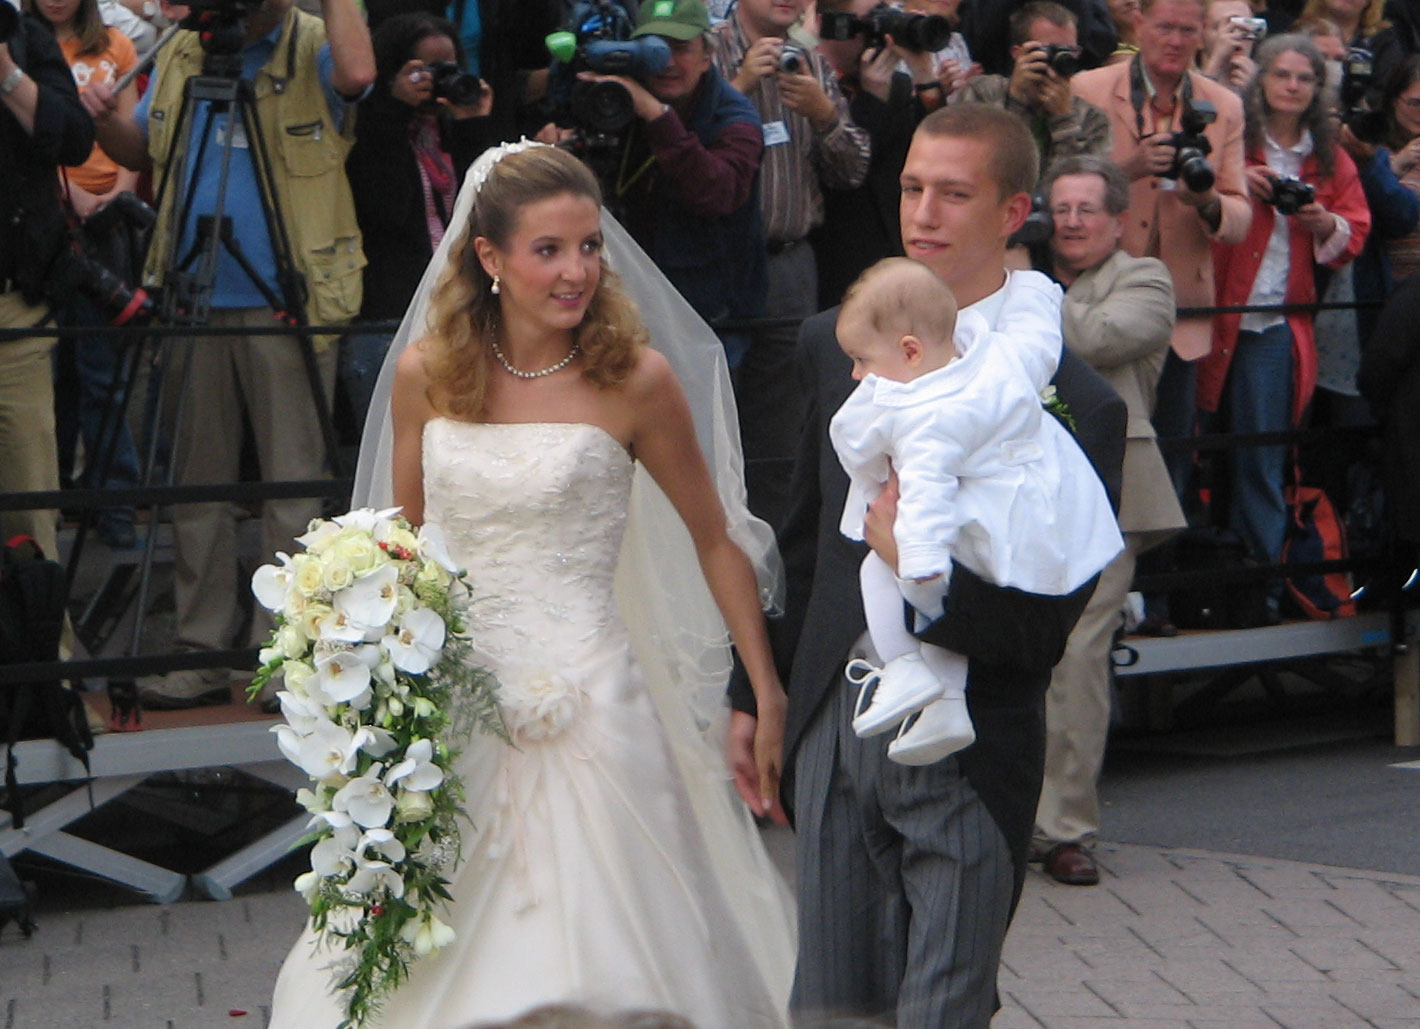 Matrimonio In Kosovo : The royal order of sartorial splendor wedding wednesday